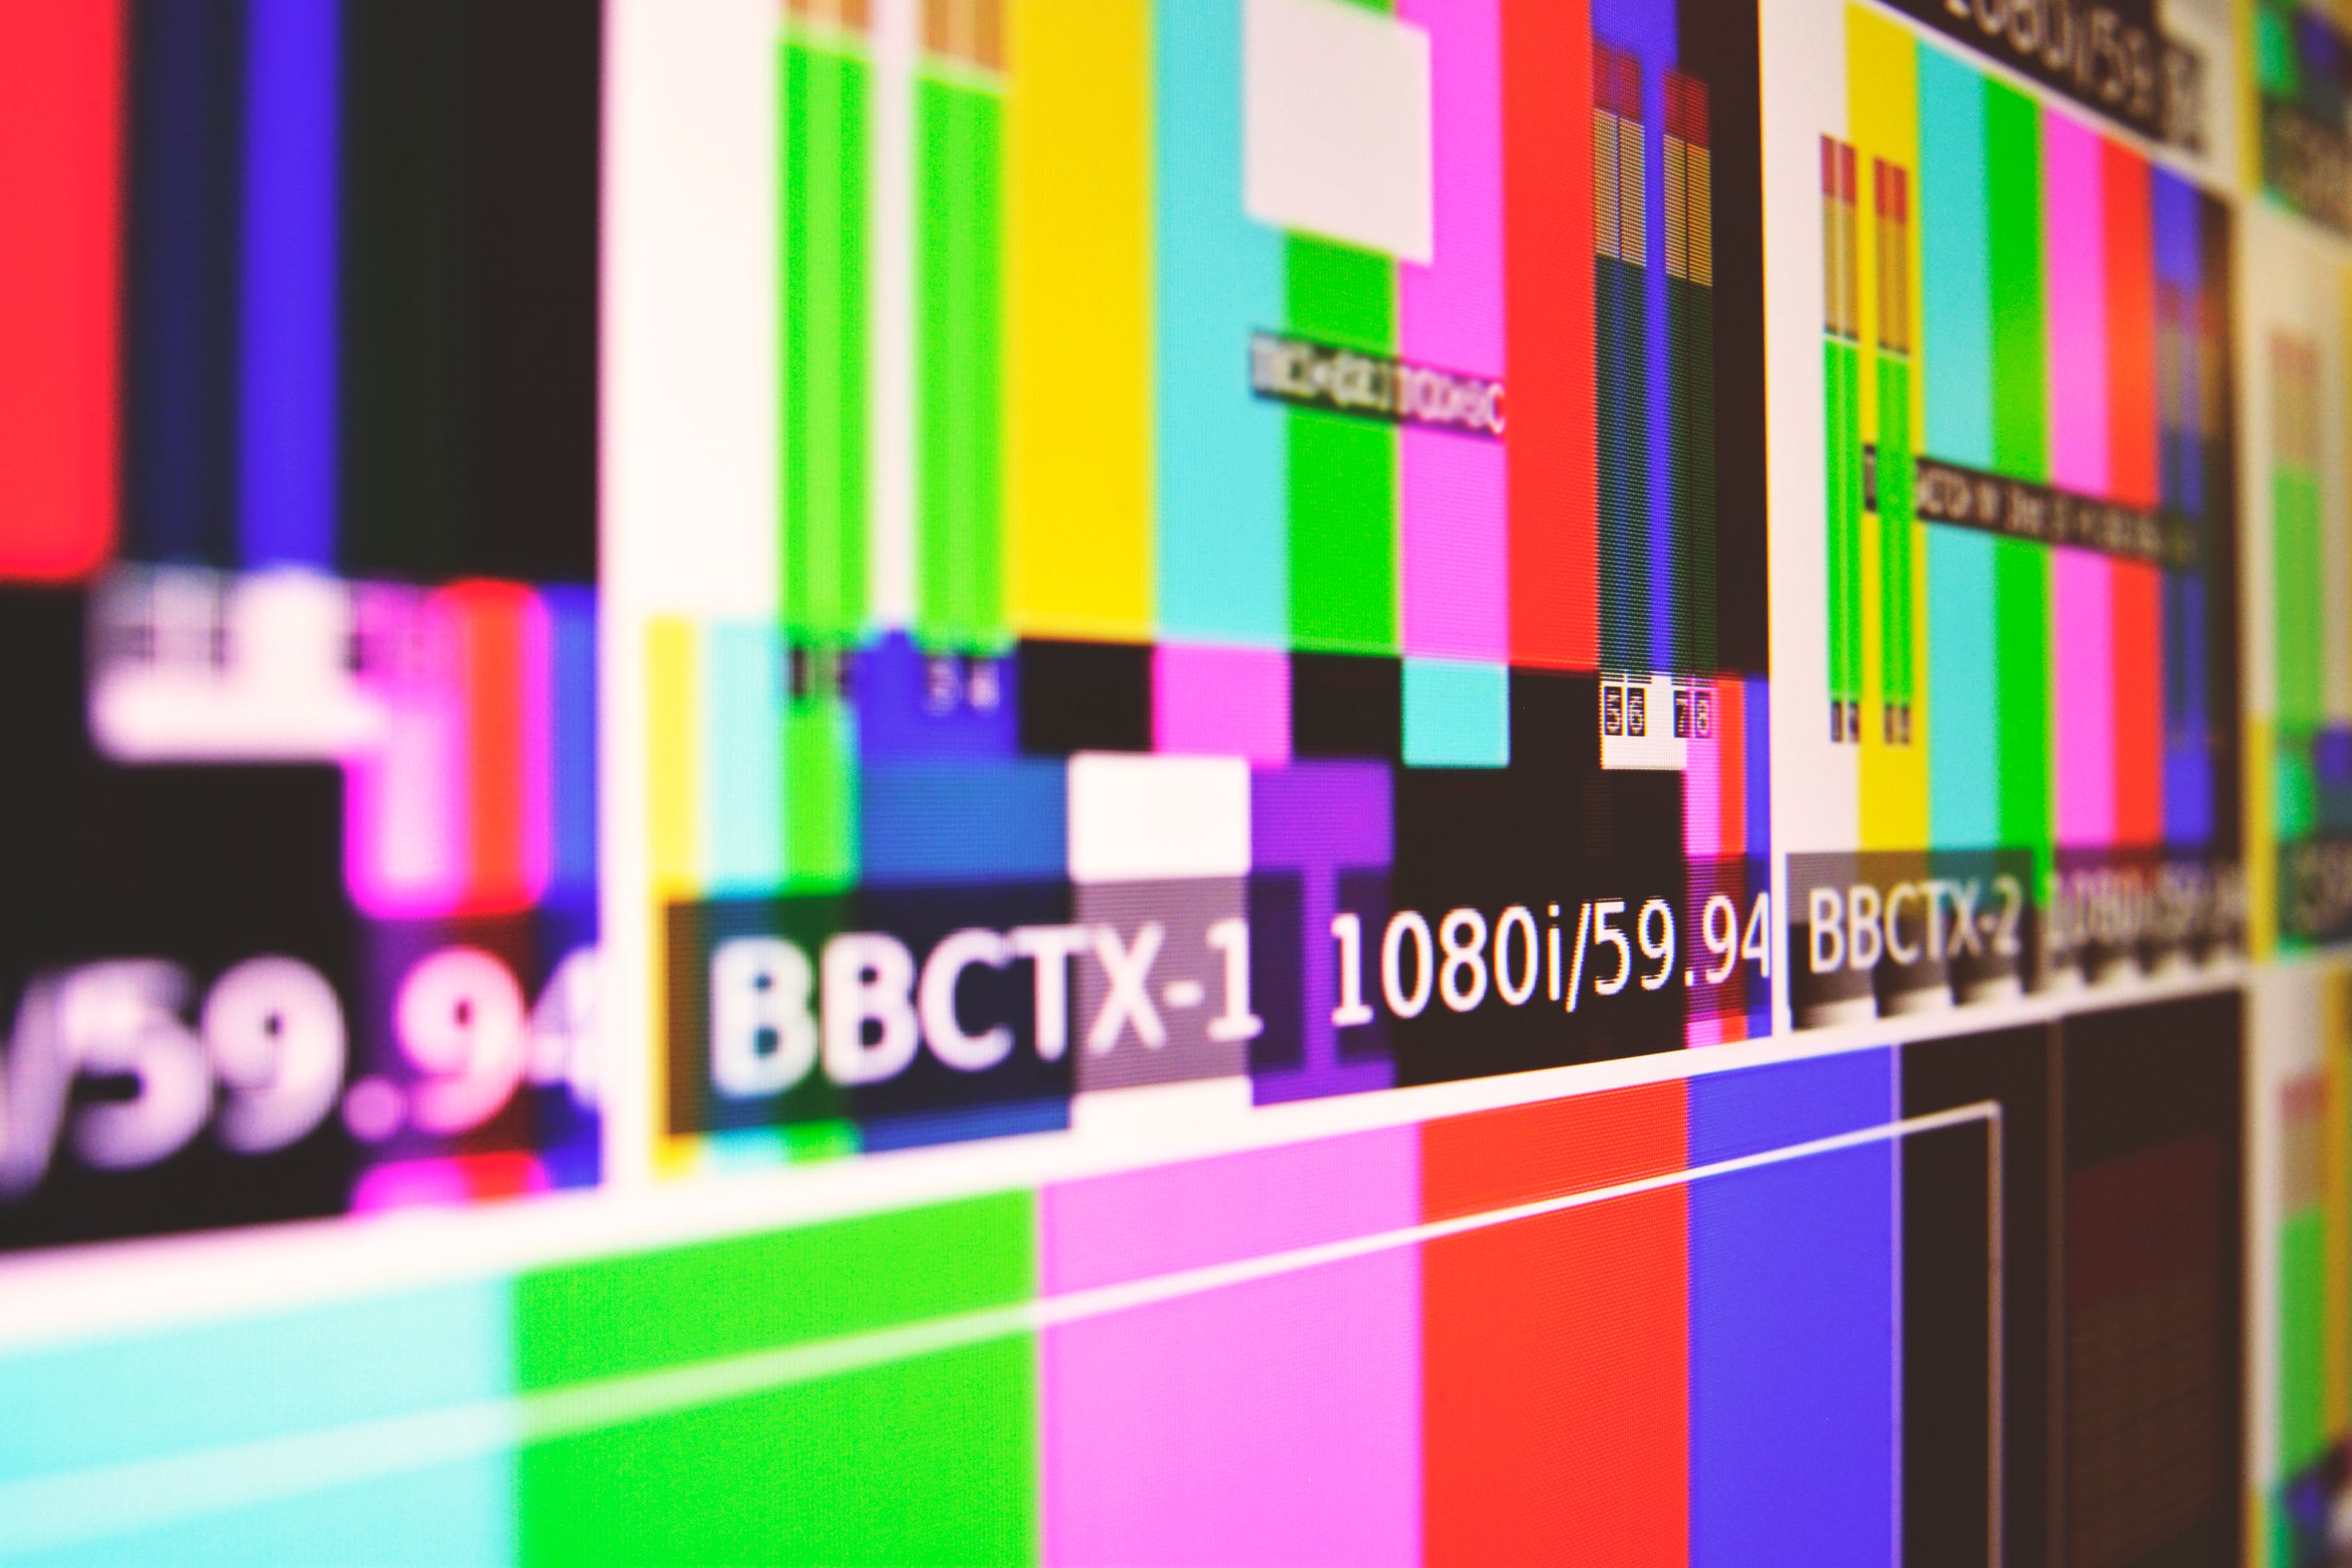 La Guadeloupe et la Martinique, bientôt bannies des pubs télévisées ?